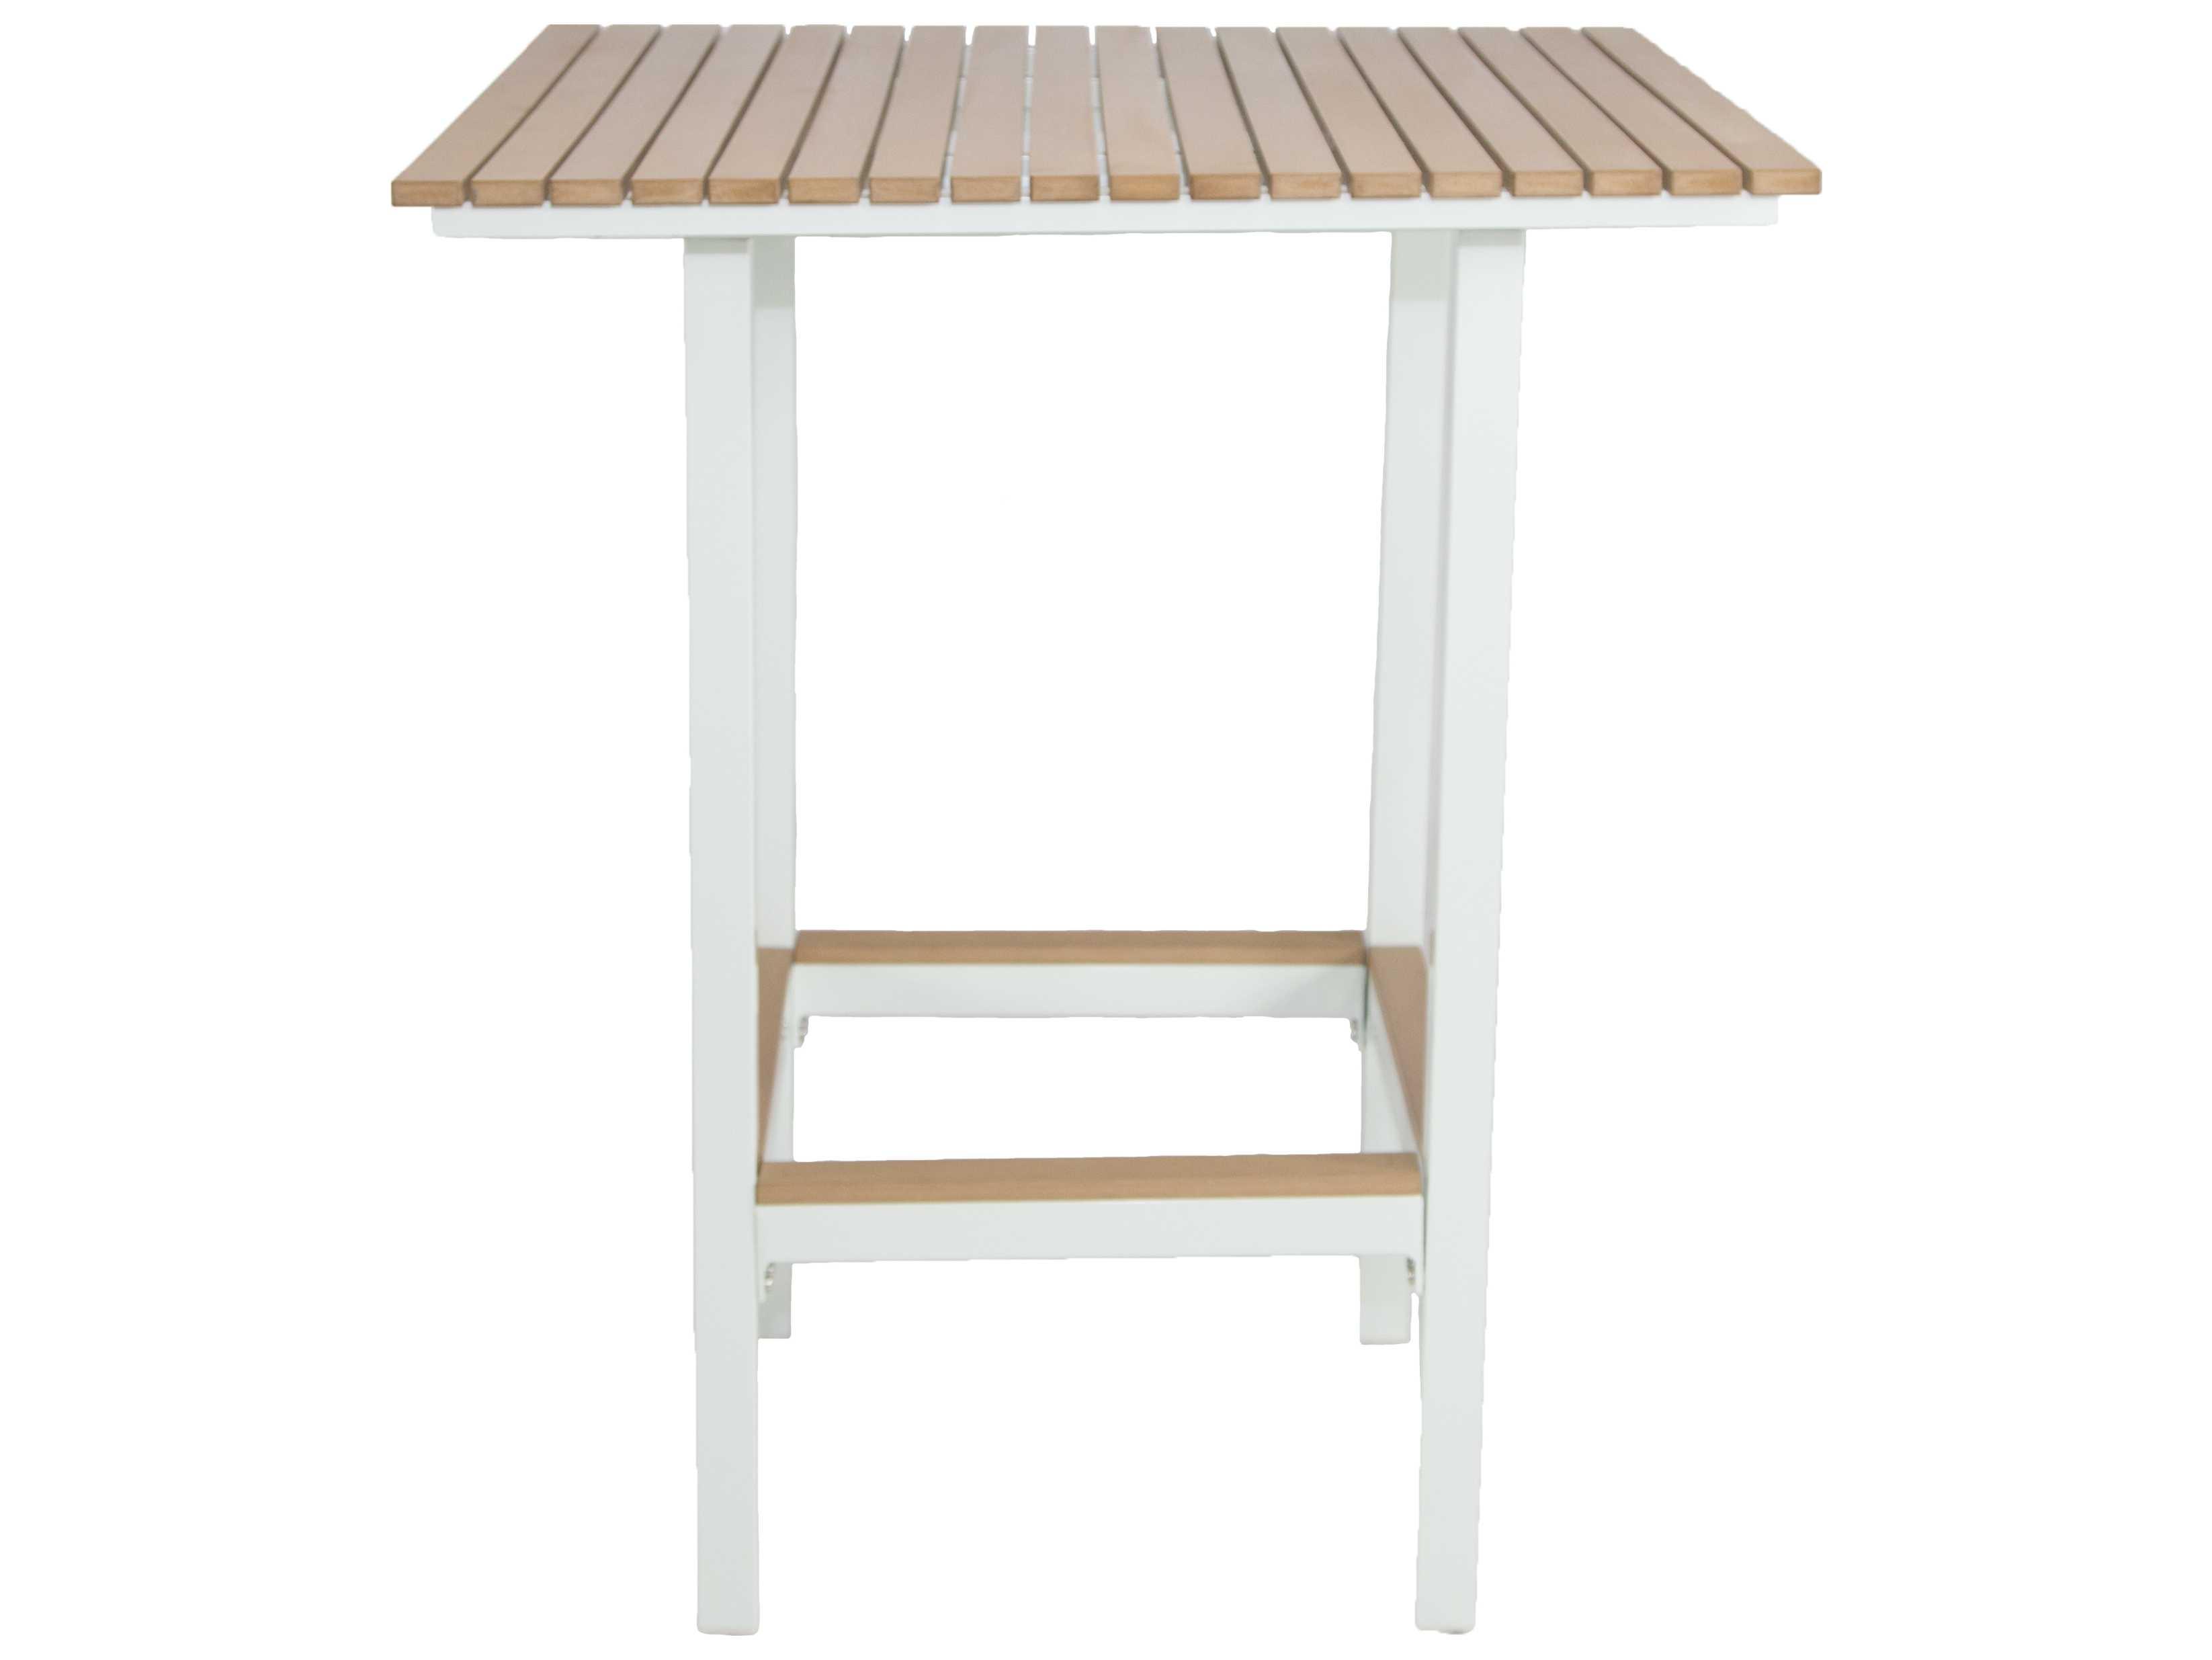 Patio heaven riviera aluminum 32 square bar table square for Patio heaven